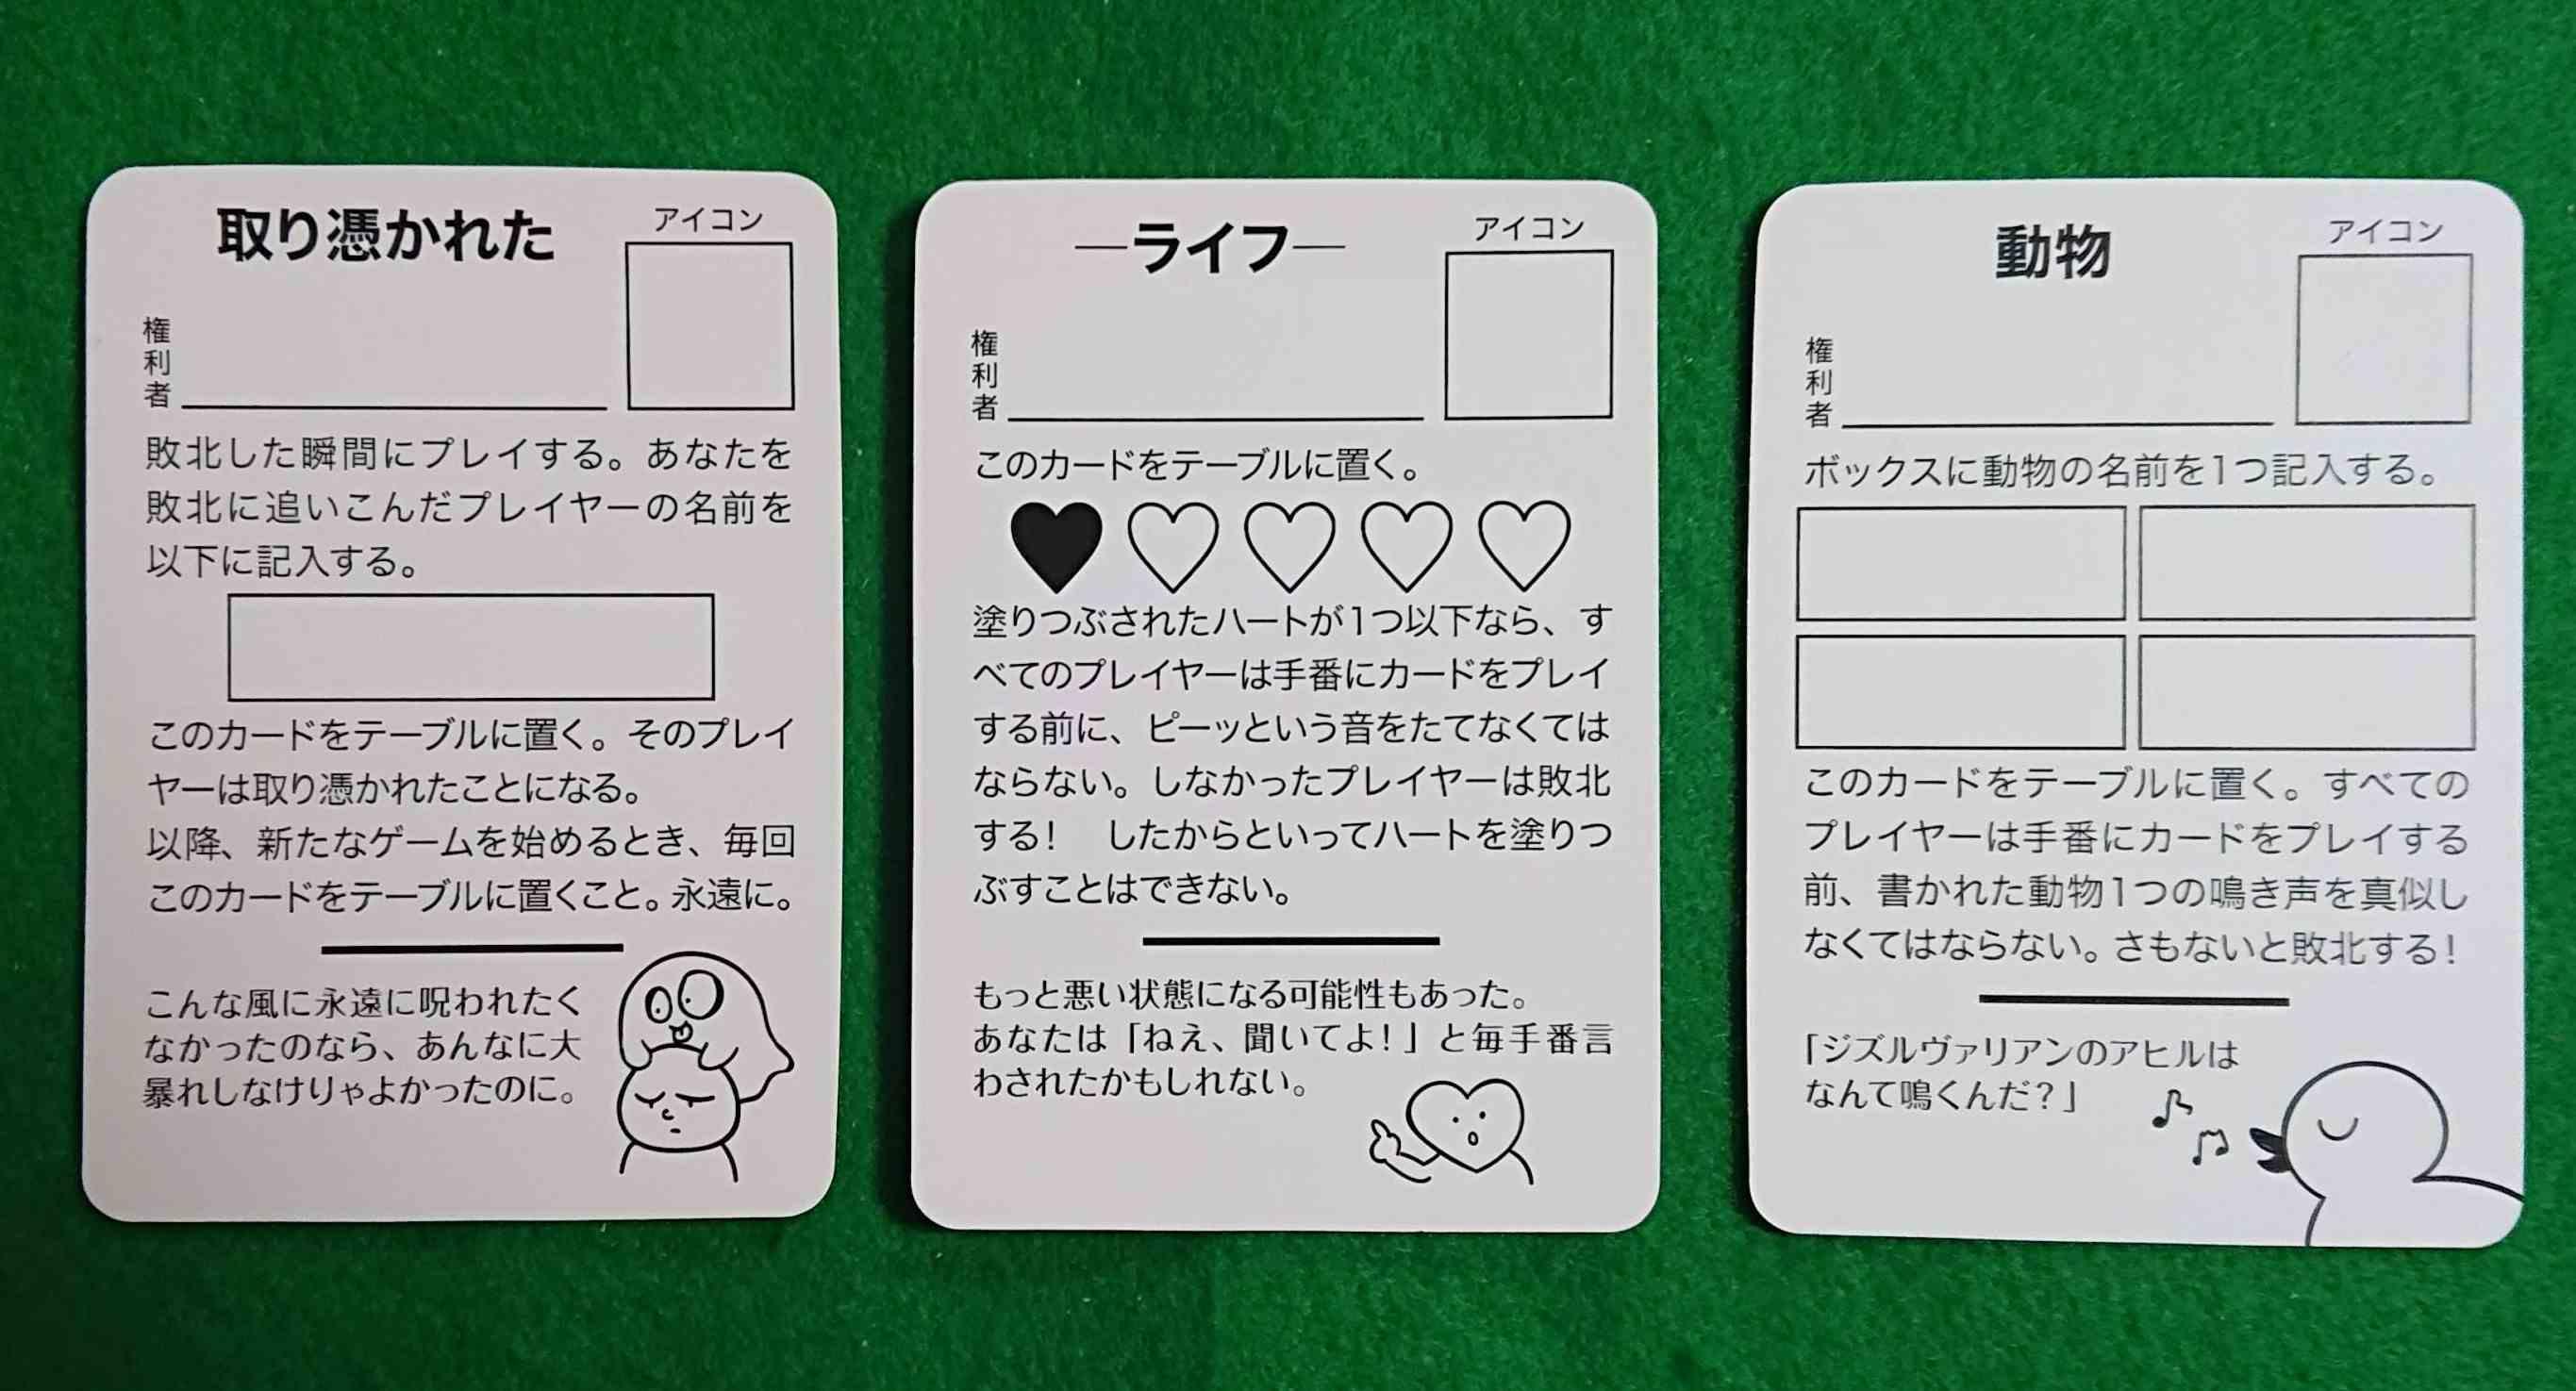 テストプレイなんてしてないよレガシー おバカゲーの極致が「レガシーシステム」で帰ってきた! ボードゲーム カードゲーム